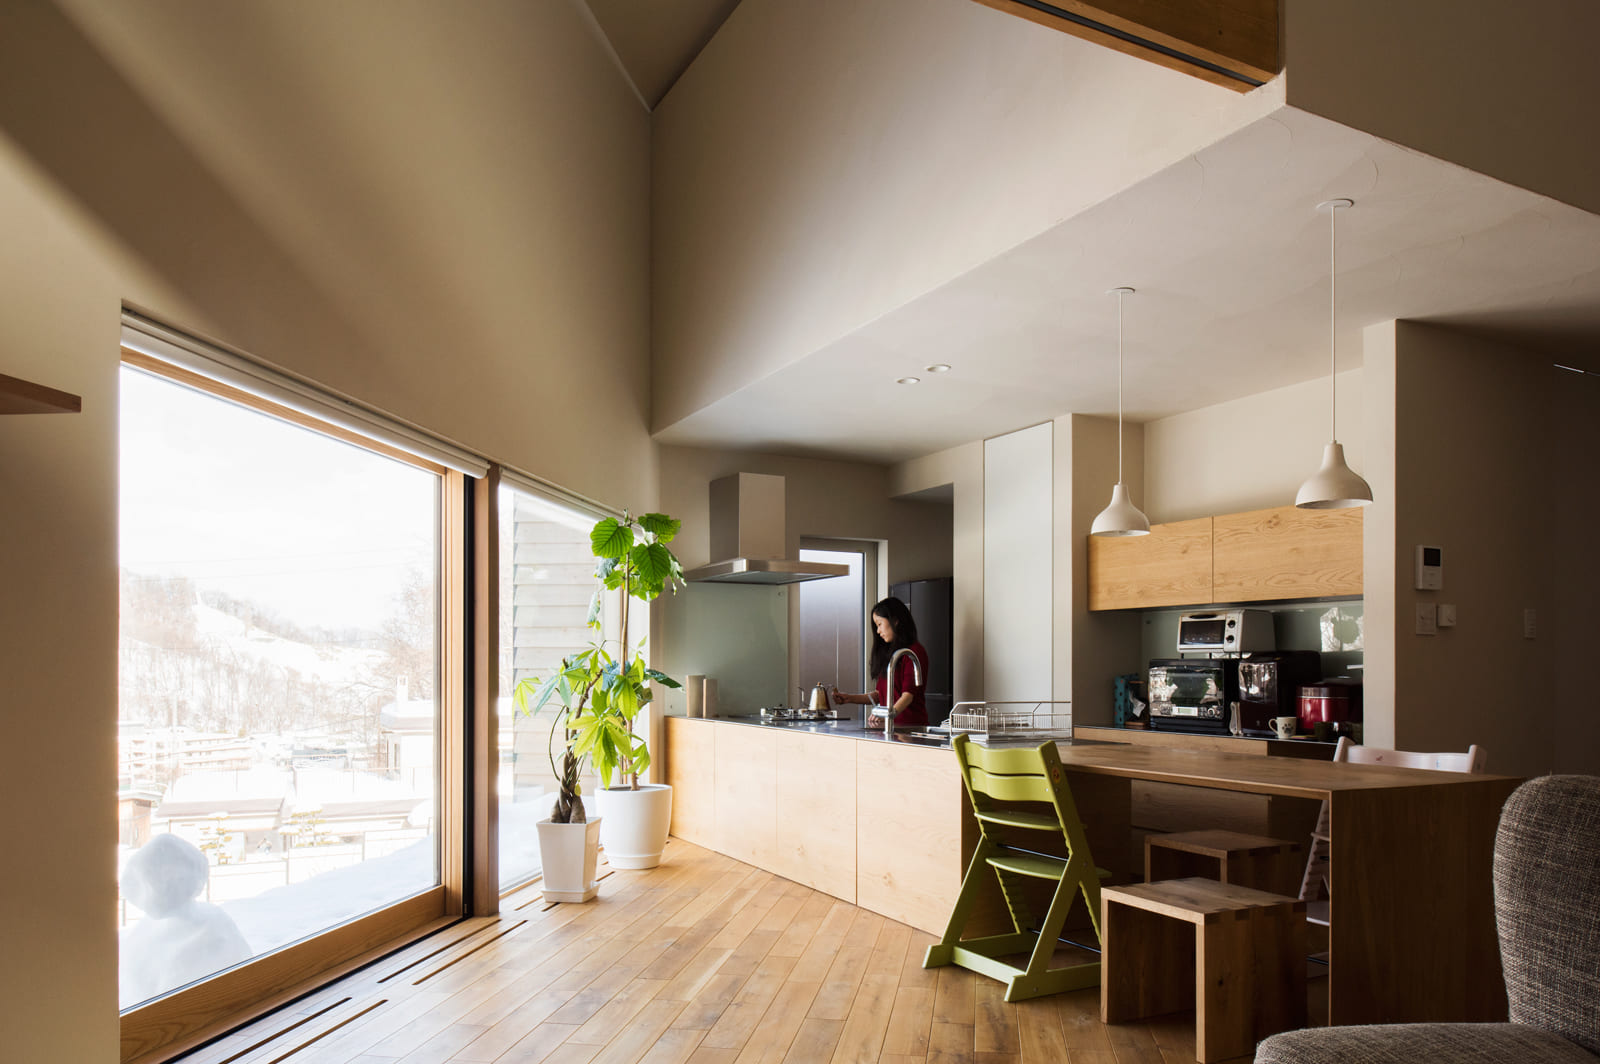 「景色が良いところで暮らしたい」という、もうひとつのご夫妻の願いをかなえるため、LDKは眺望を最大限に生かすよう設計された